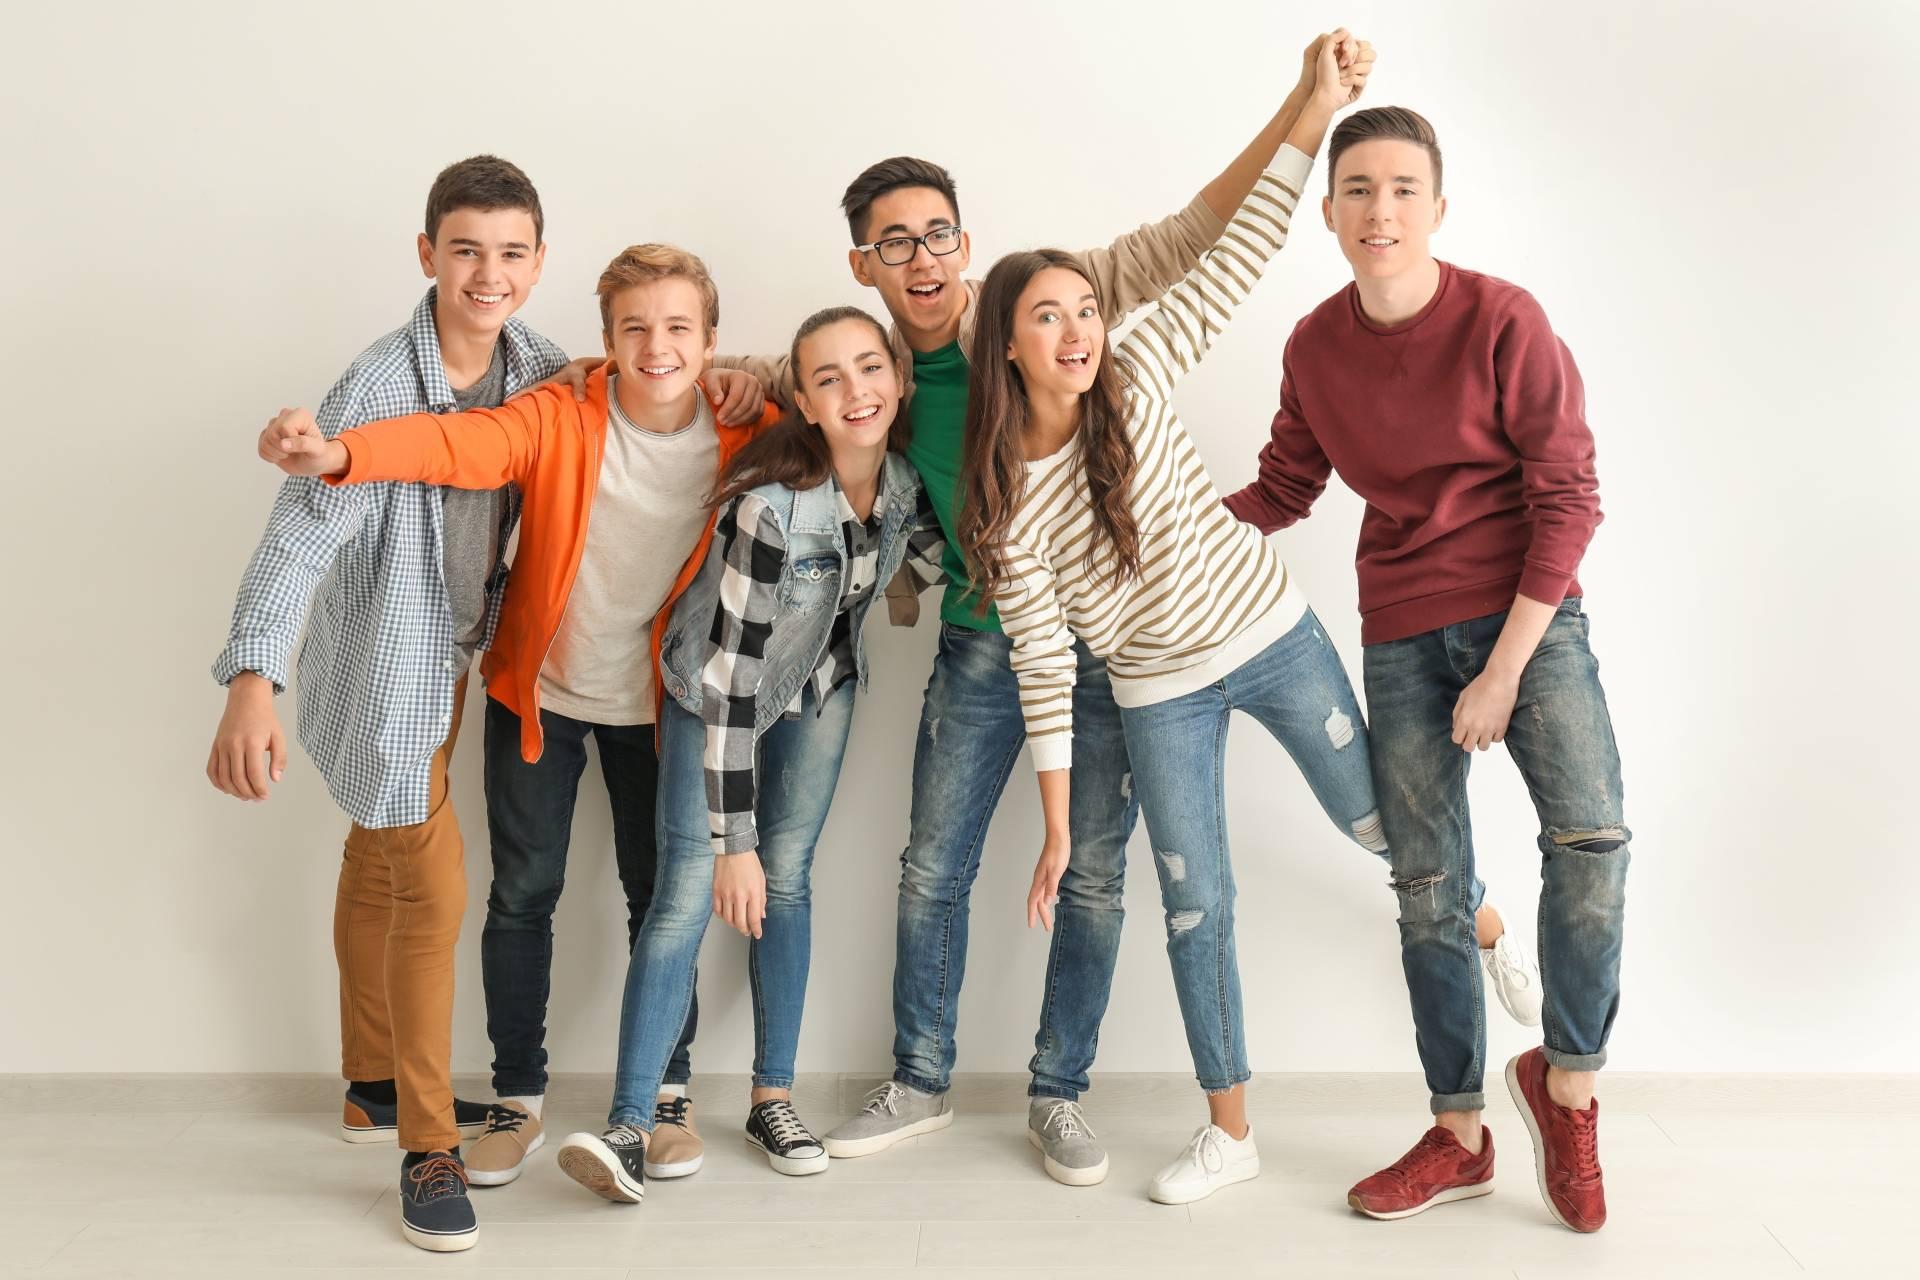 Grupa uśmiechniętych nastolatków pozuje do zdjęcia. Homeopatia dla nastolatków.